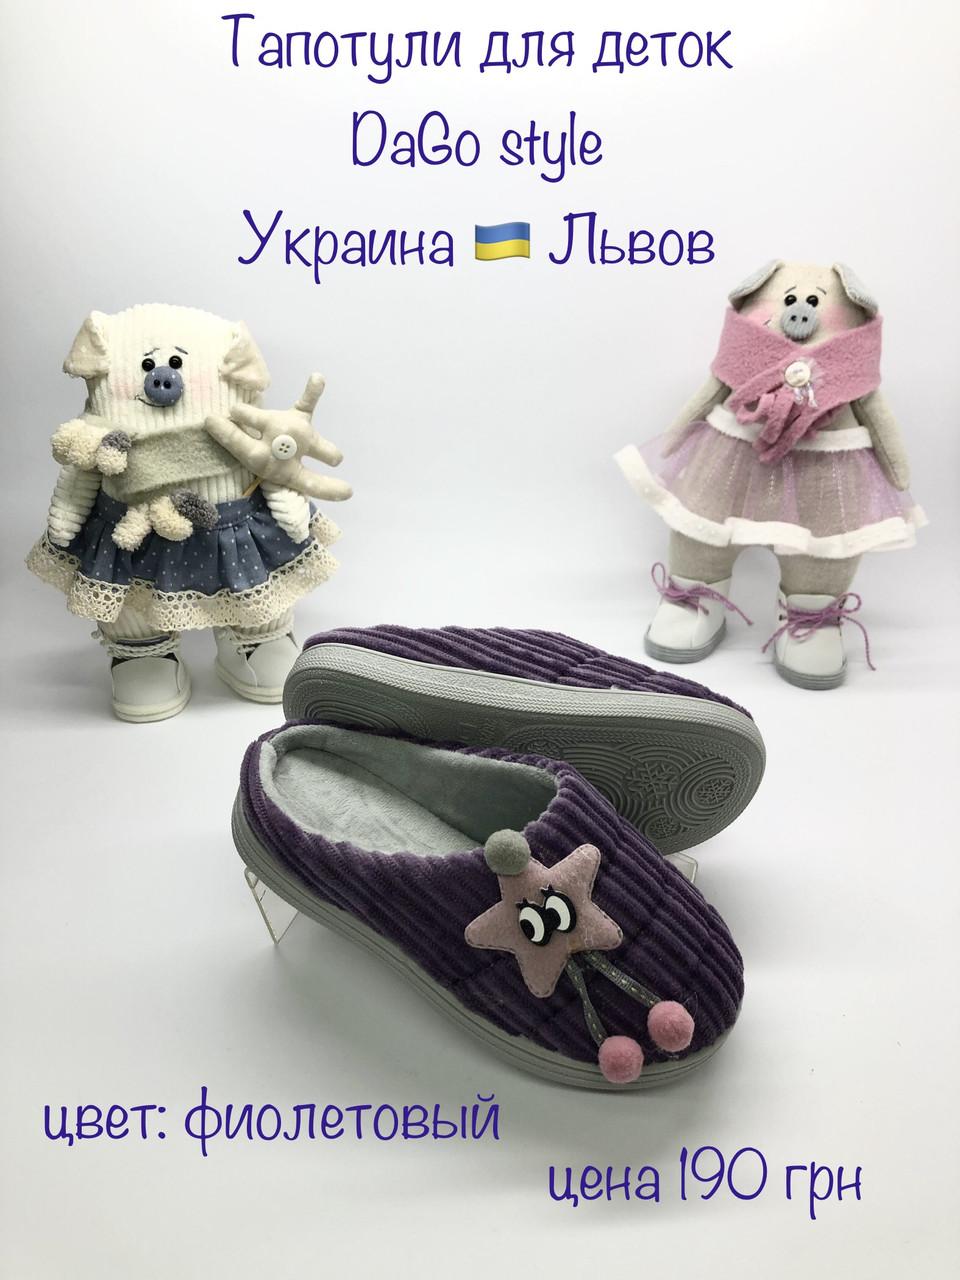 Тапочки для деток Dago style